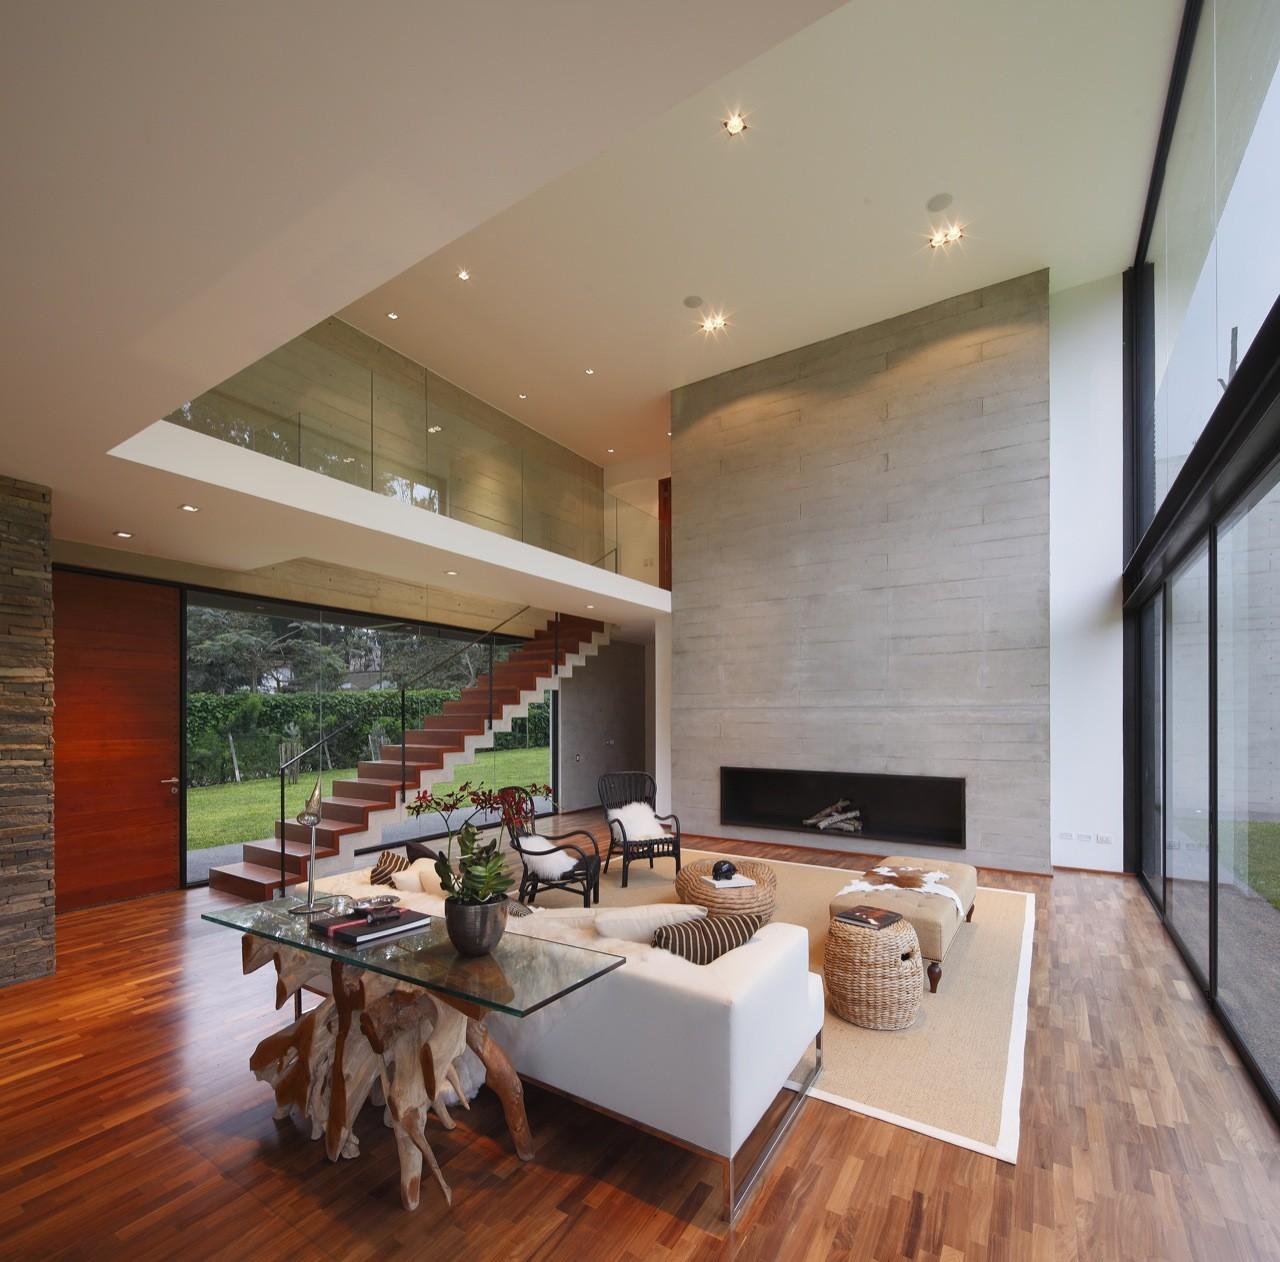 Casa b2 jaime ortiz de zevallos archdaily brasil for Decoracion apartamentos modernos 2016